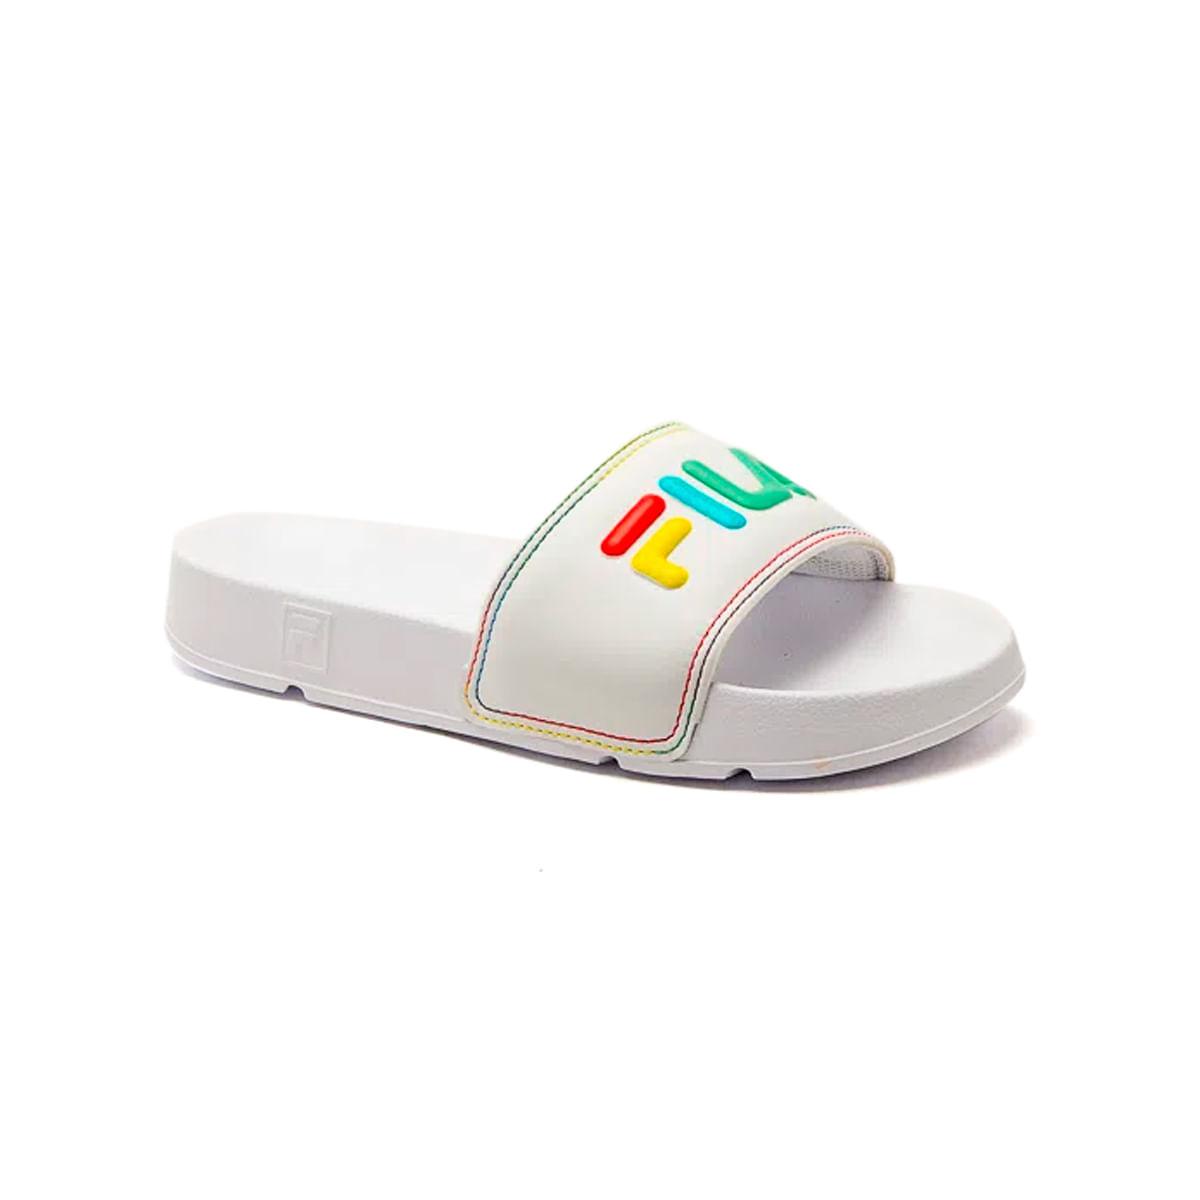 Sandalia-Slide-Infantil-FILA-Drifter--25-ao-36--942809--4Q20-